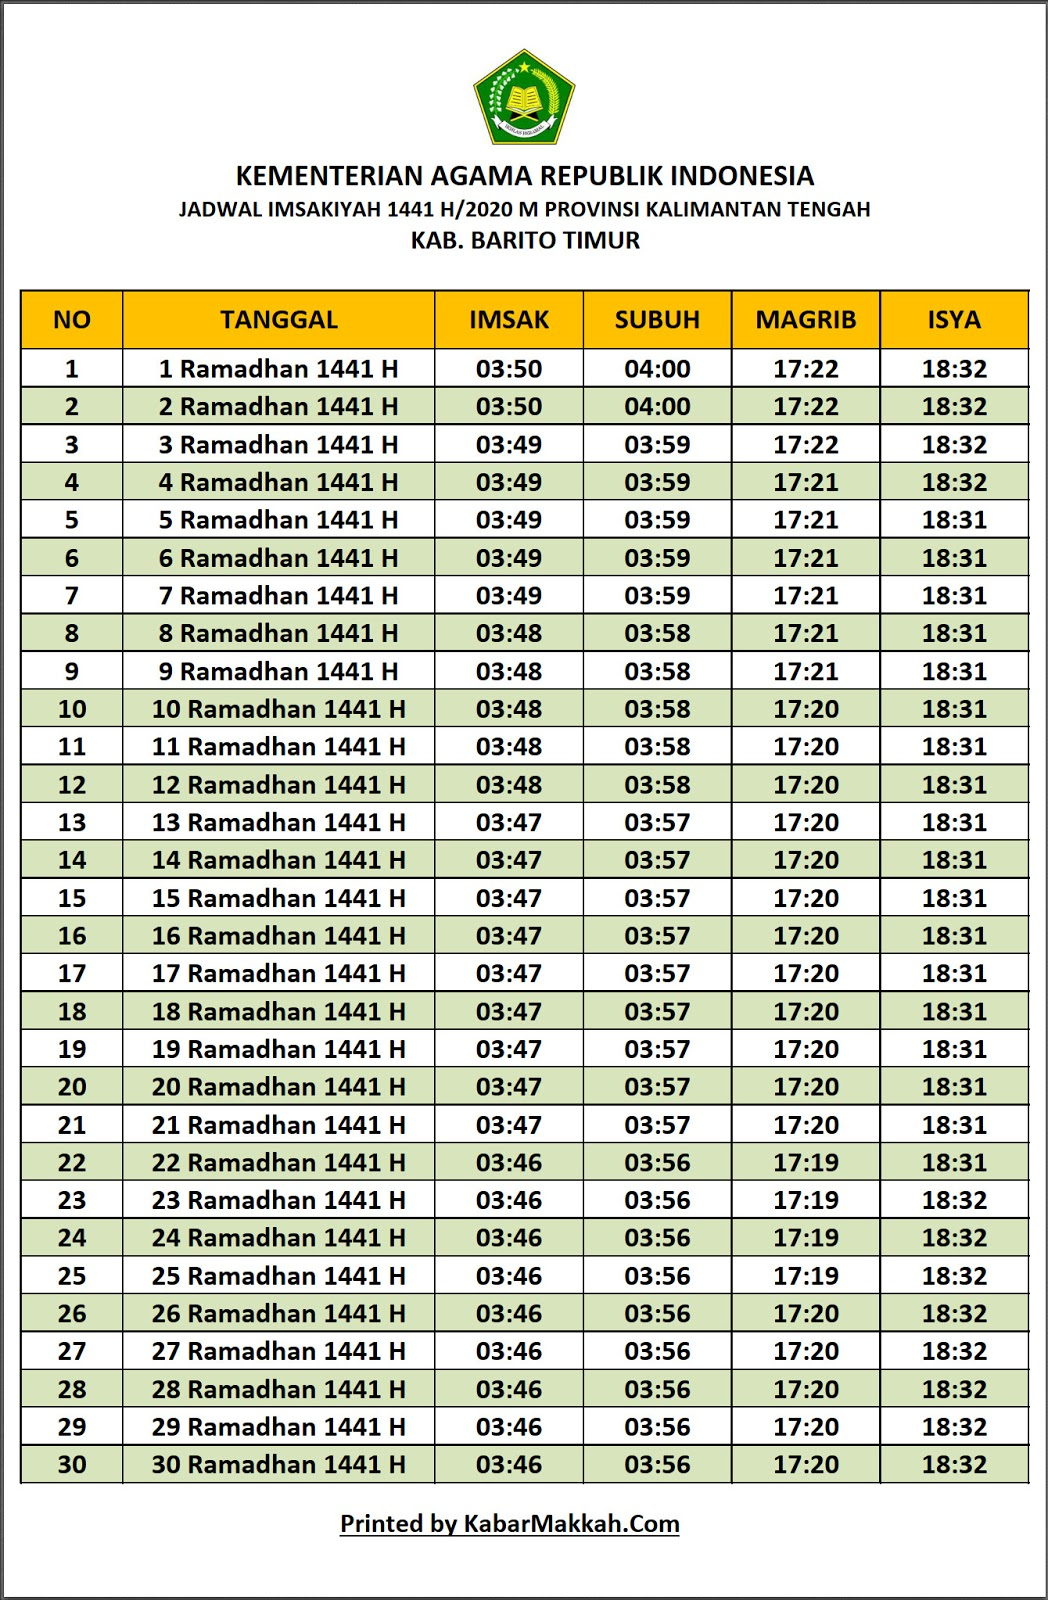 Jadwal Imsakiyah Barito Timur 2020